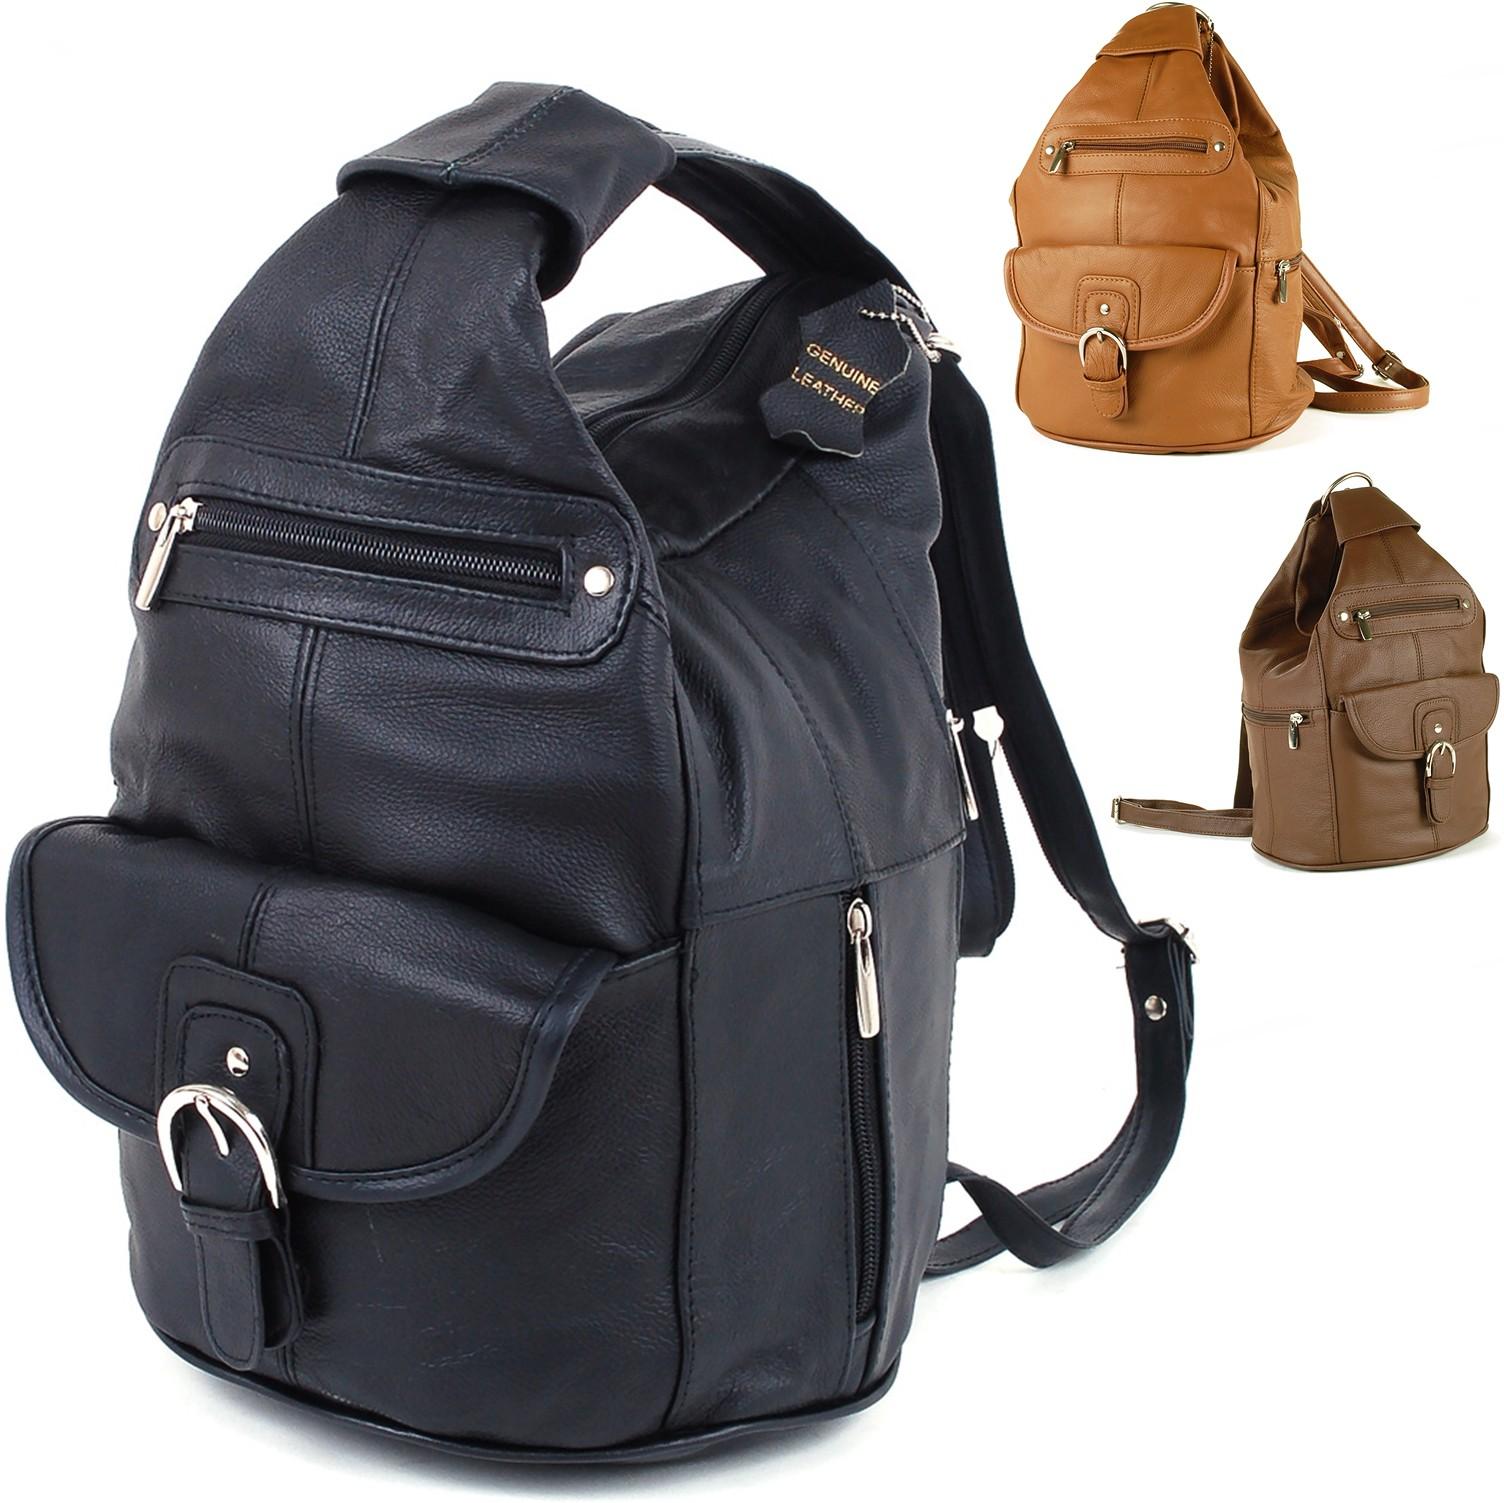 damen 3 in 1 rucksack umh ngetasche handtasche leder ebay. Black Bedroom Furniture Sets. Home Design Ideas